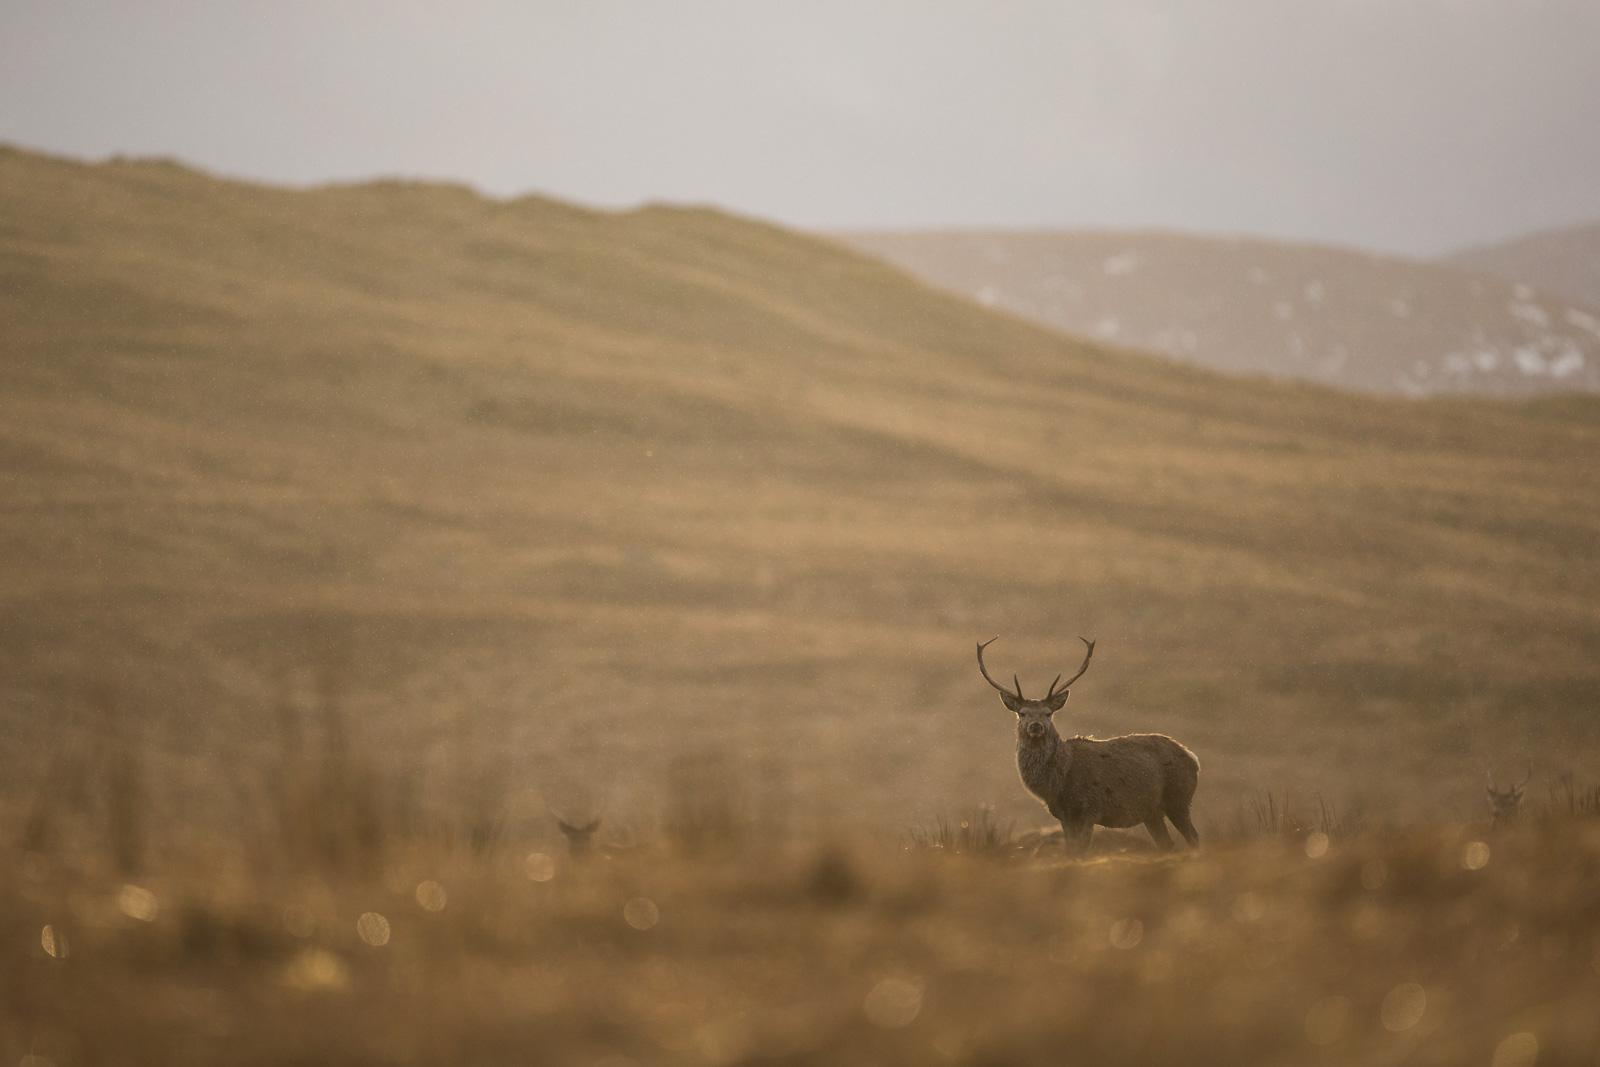 Sigma 500mm f/4 DG OS HSM Sport Lens - Sample image of red deer.